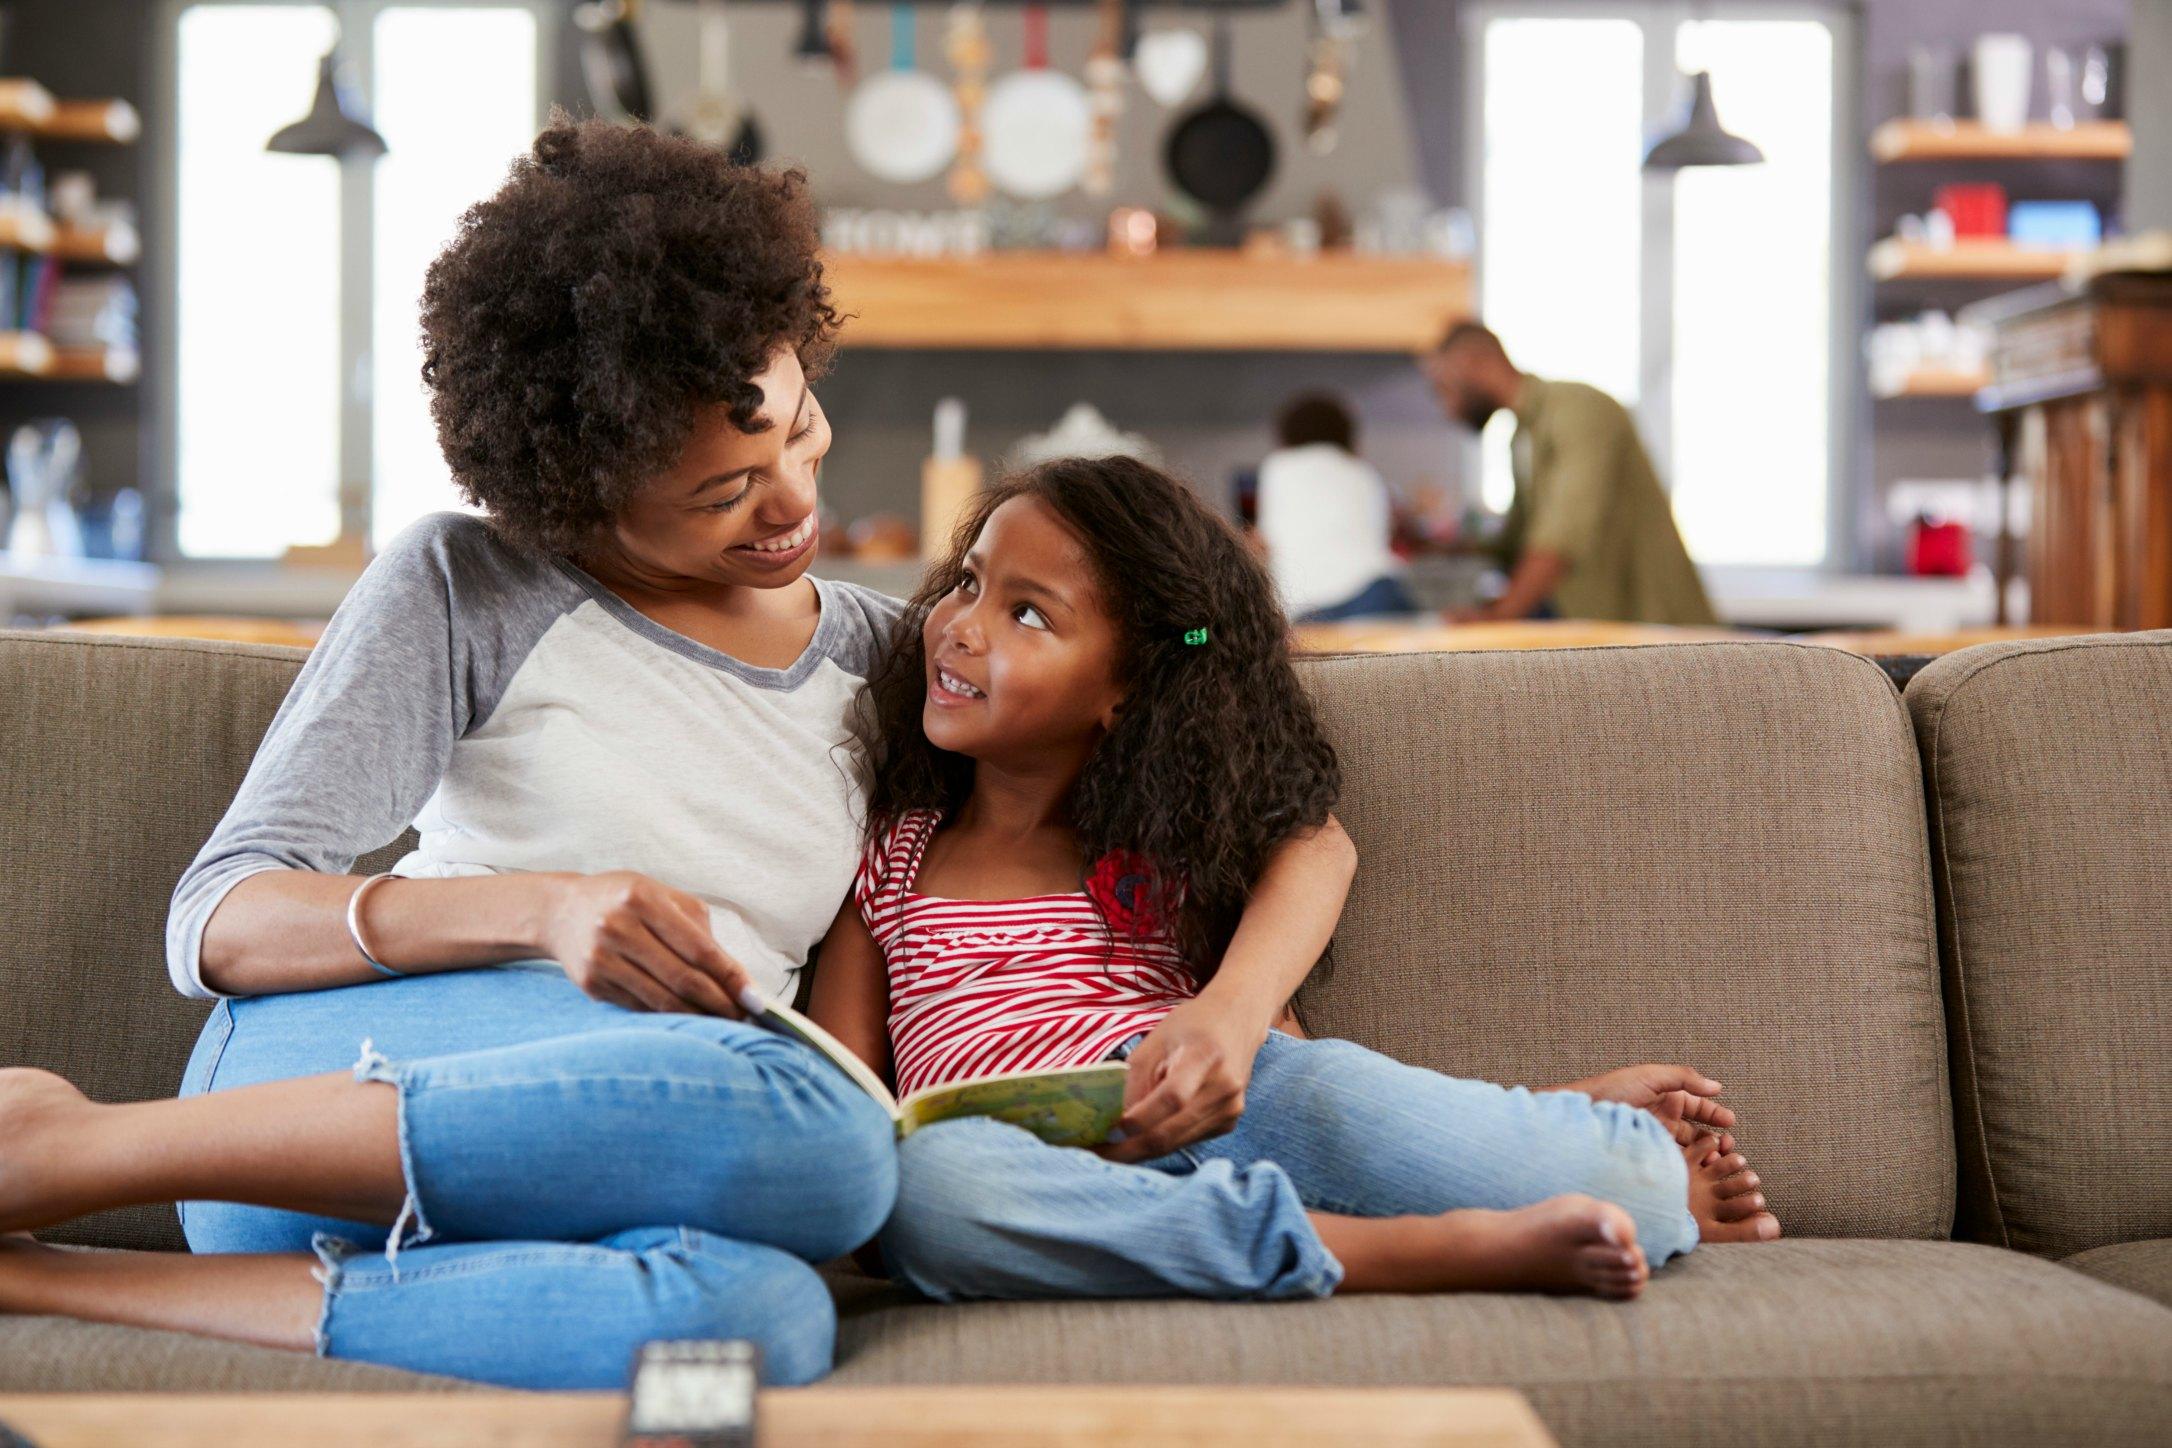 multiculturele kinderboeken_diversiteit in kinderboeken_the millennialmom